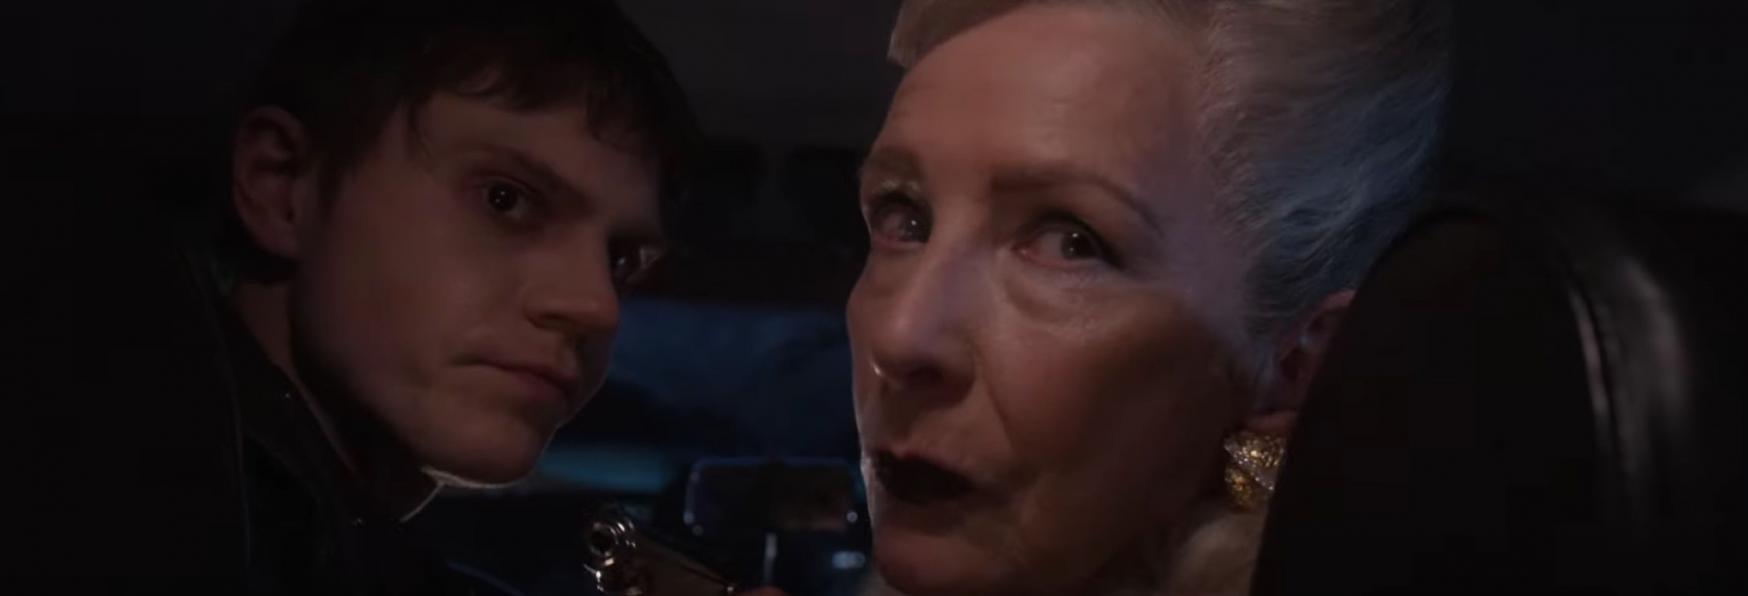 """American Horror Story 10: Pubblicato il Trailer Ufficiale della nuova Stagione, """"Double Feature"""""""